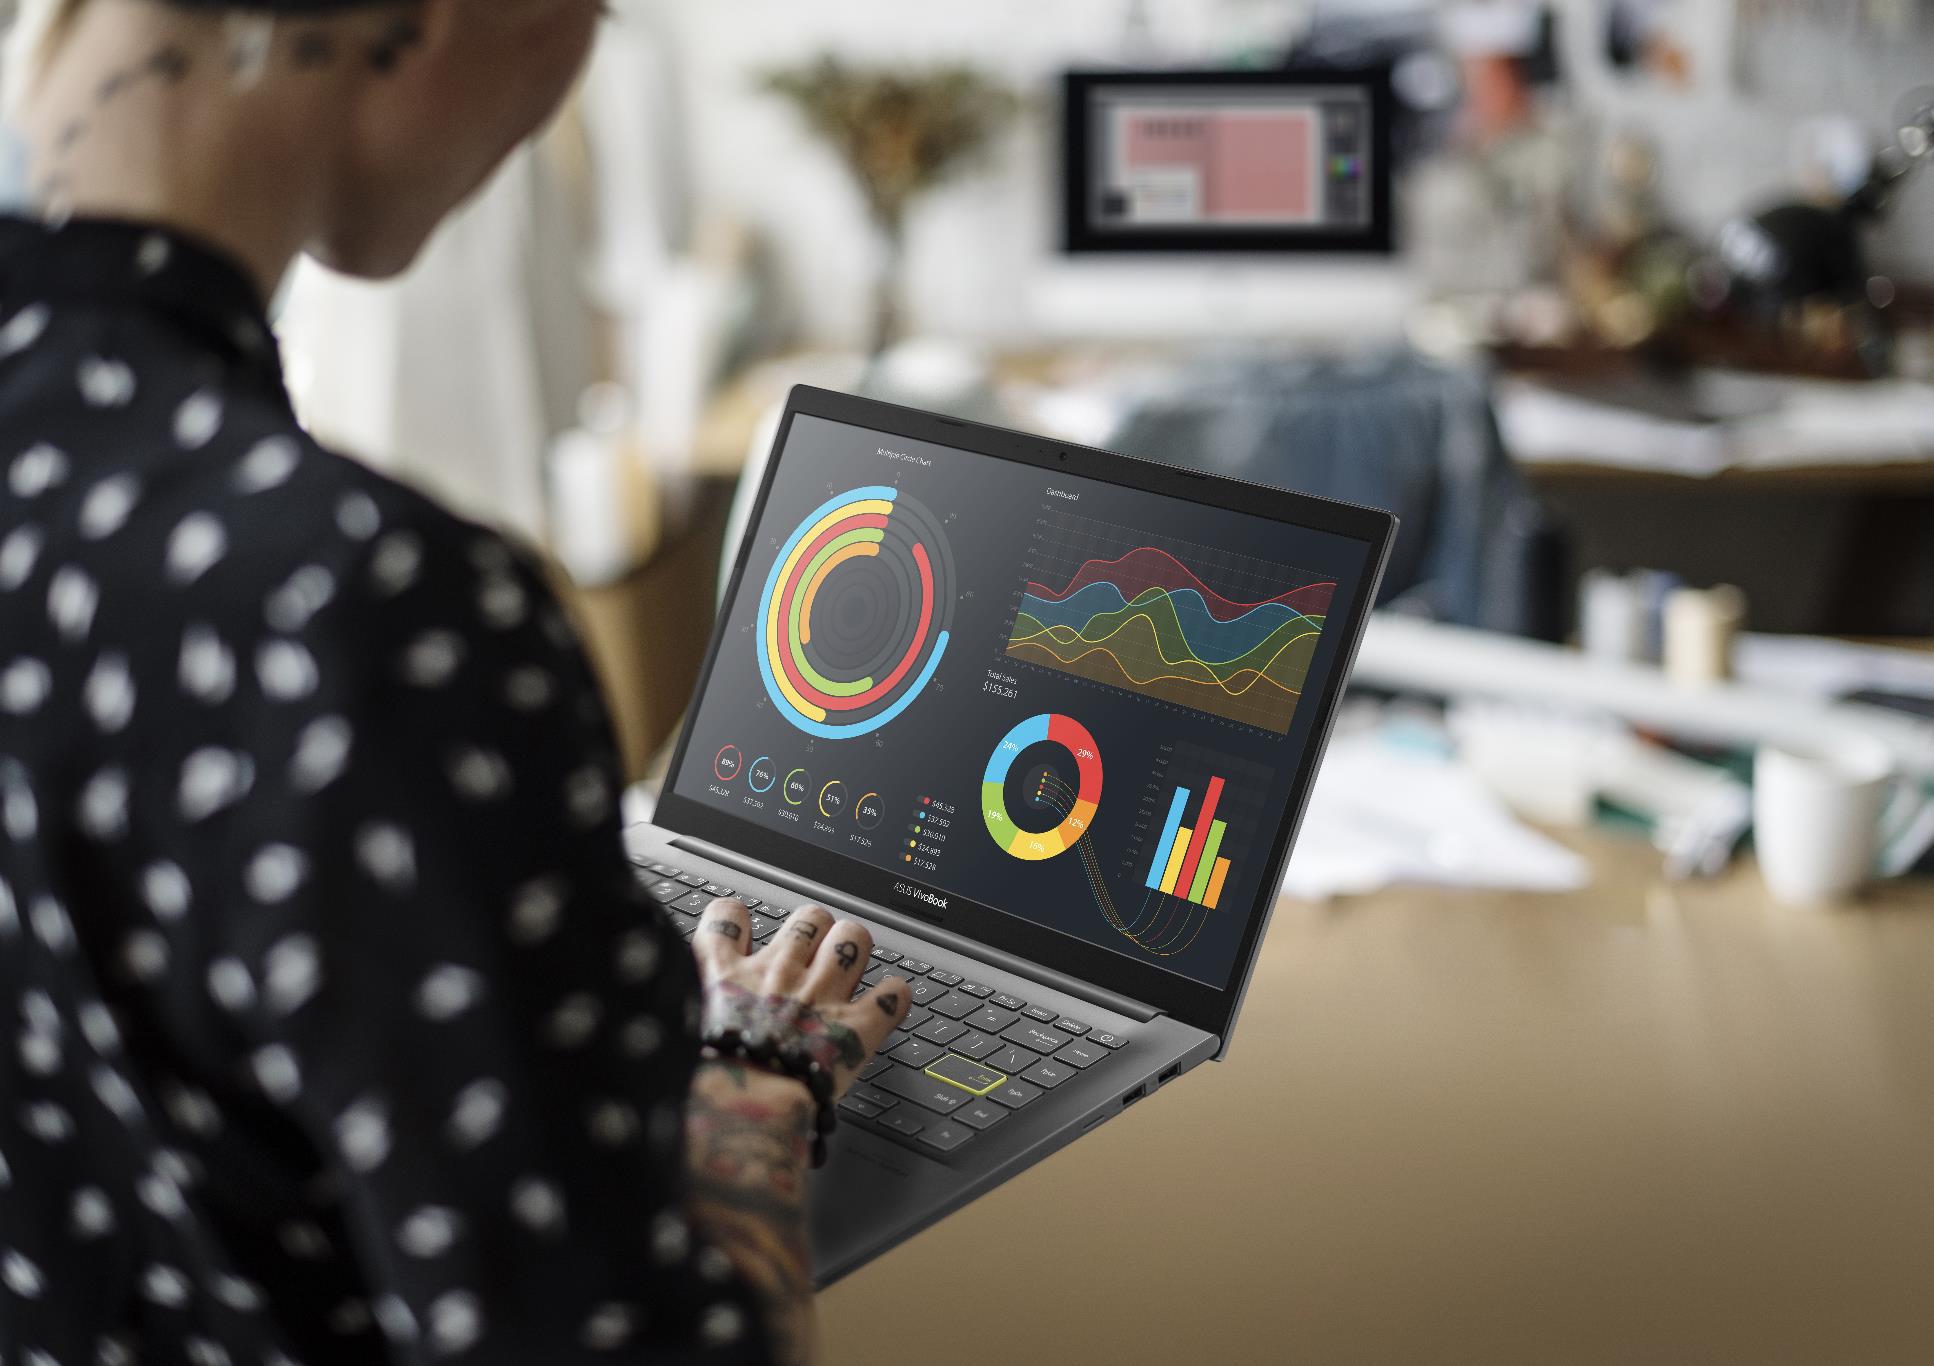 ASUS VivoBook 15 OLED - Mẫu laptop hot hit mới cho Gen Z mùa tựu trường 2021 - Ảnh 4.